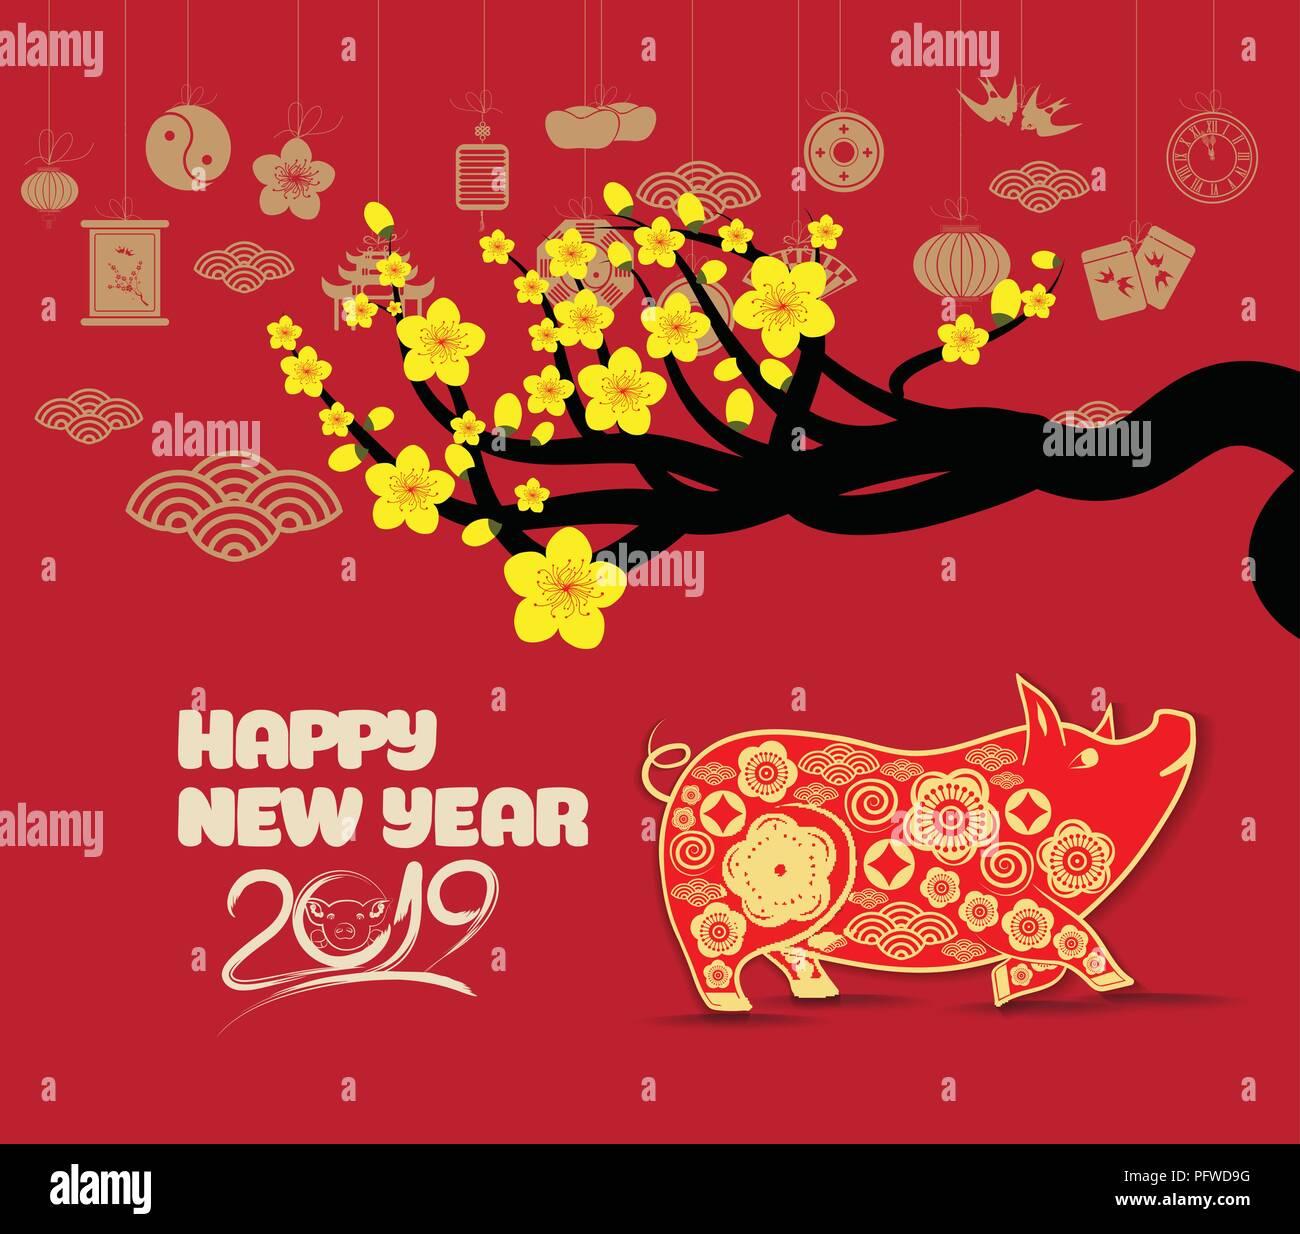 Happy Chinese New Year 2019 Sternzeichen mit gold Papier Kunst und ...